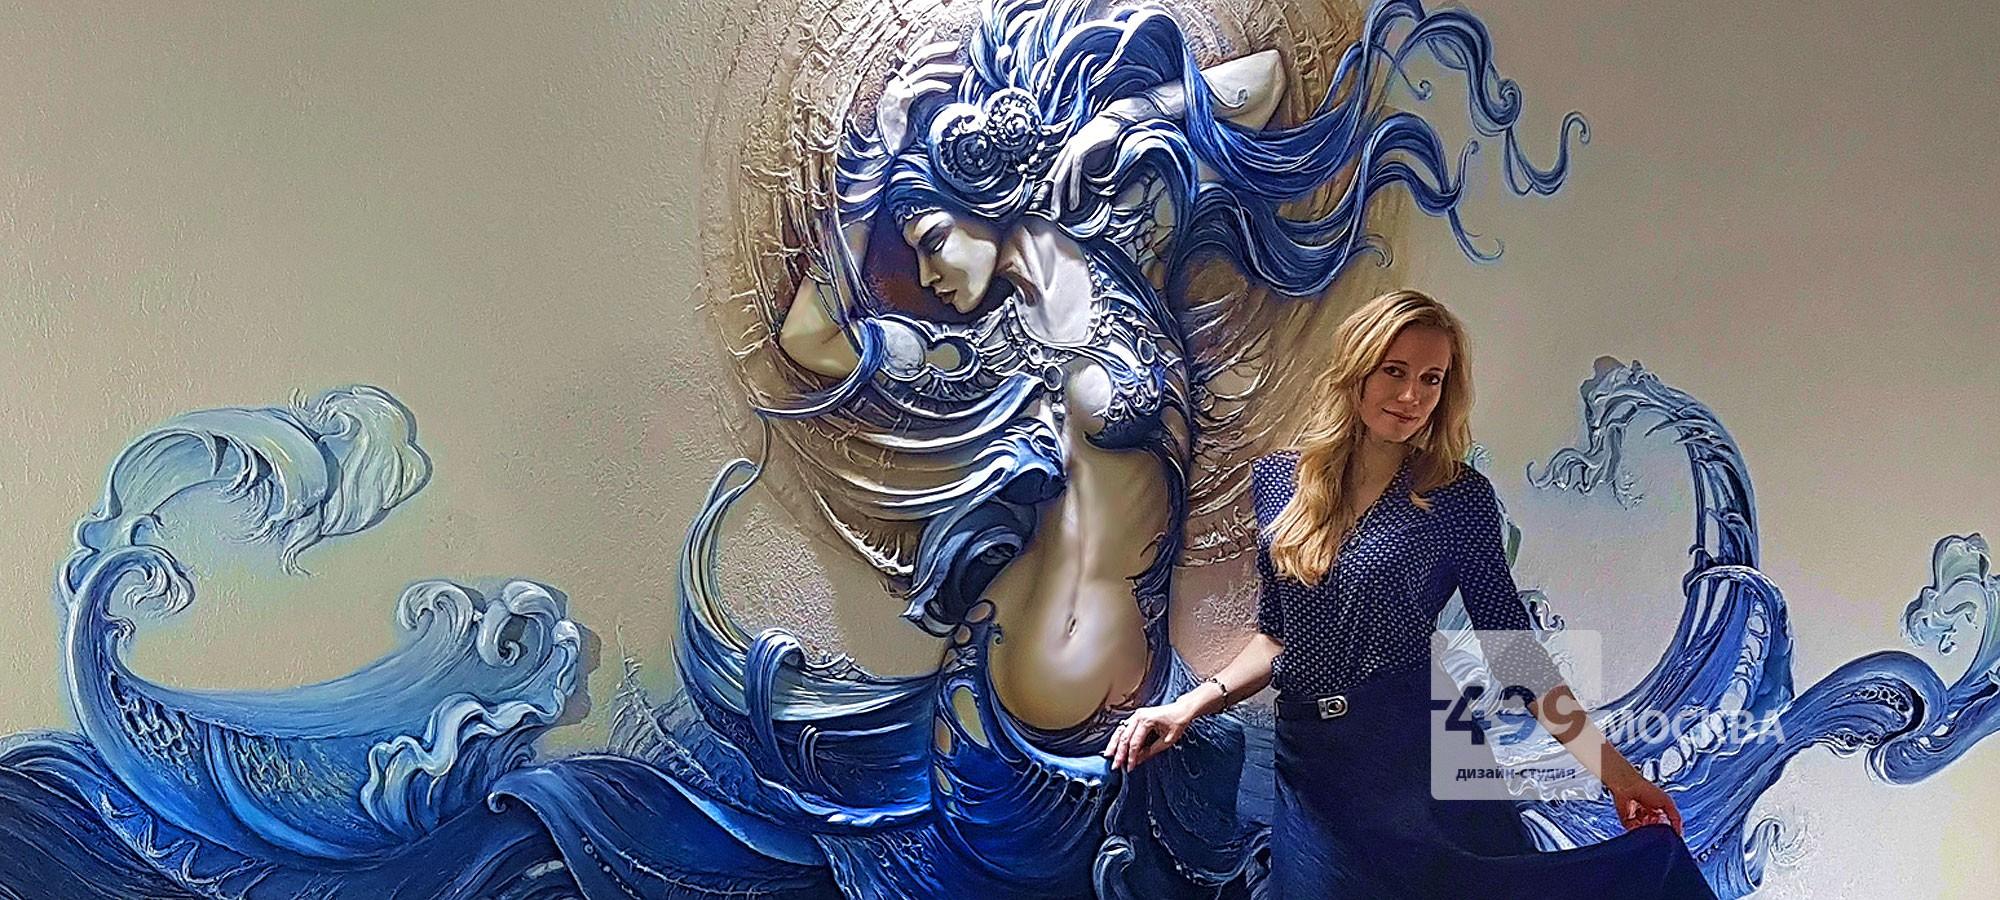 Барельеф на стене офиса нашего клиента в Москве